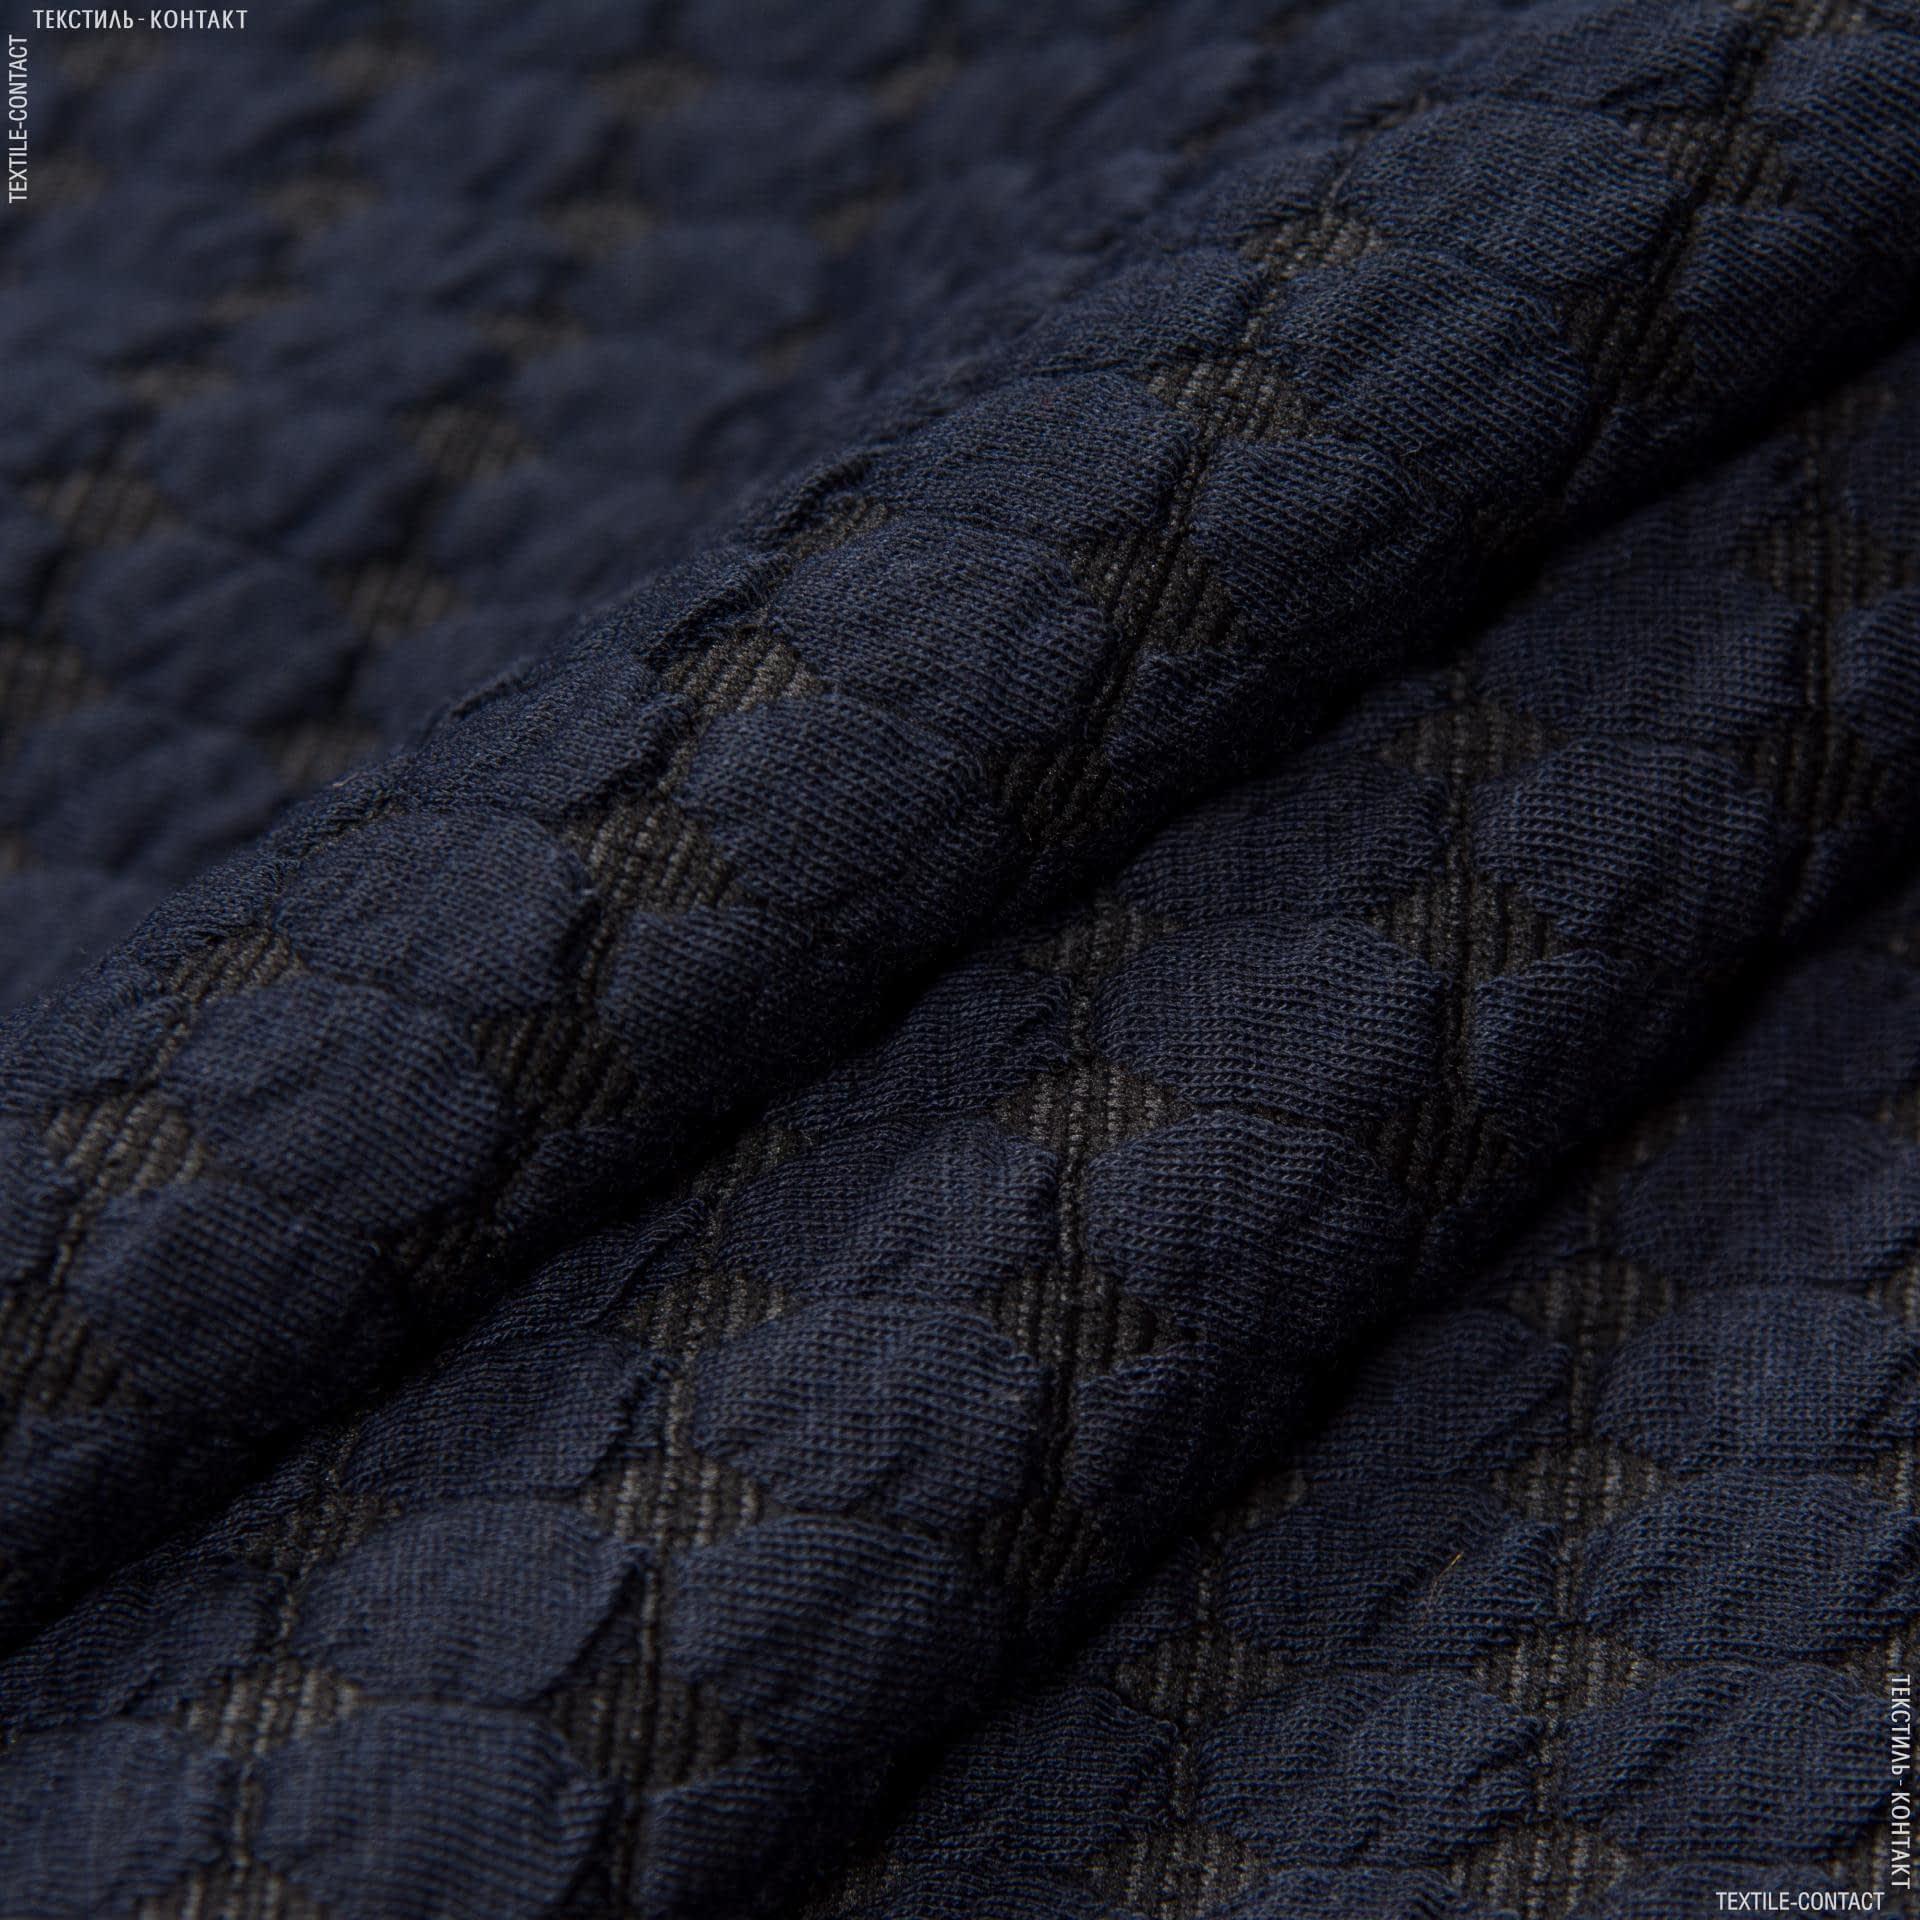 Ткани для костюмов - Трикотаж фукро темно-синий